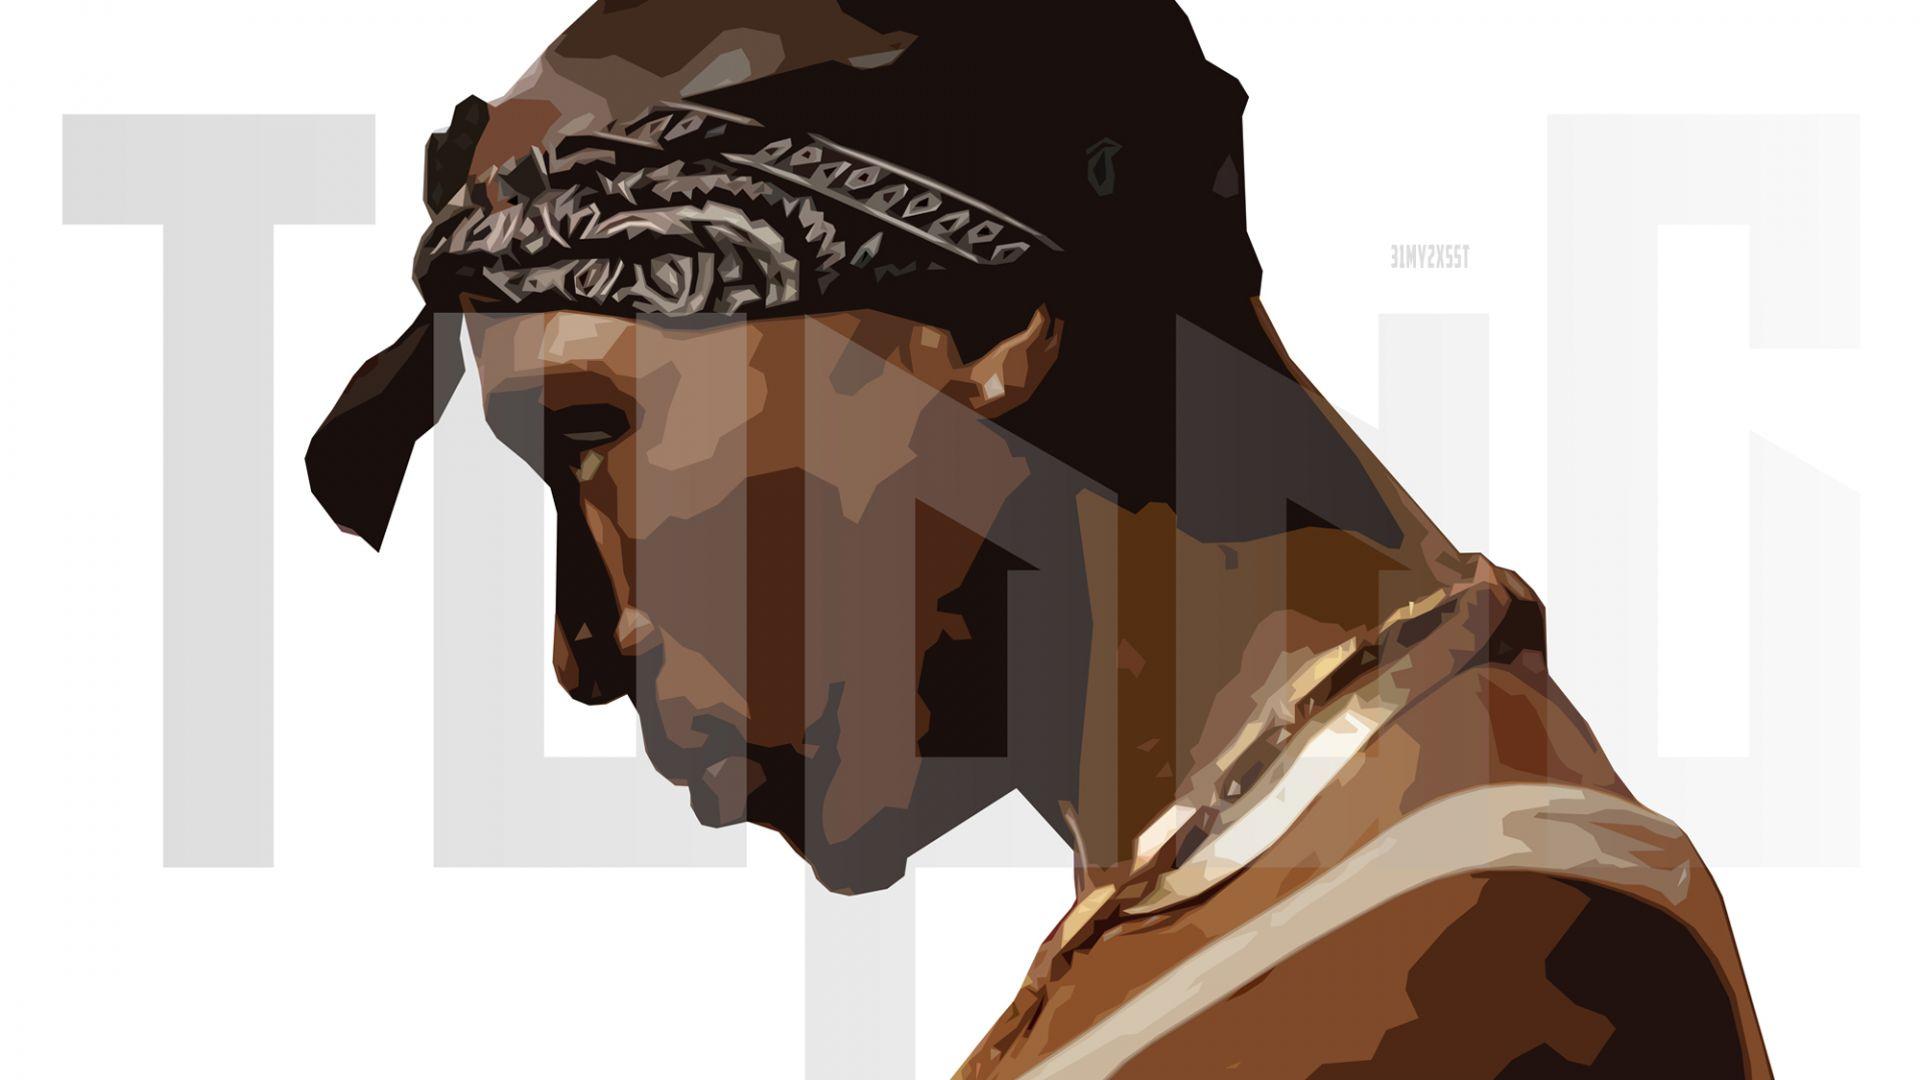 Wallpaper Tupac shakur, rapper, singer, art